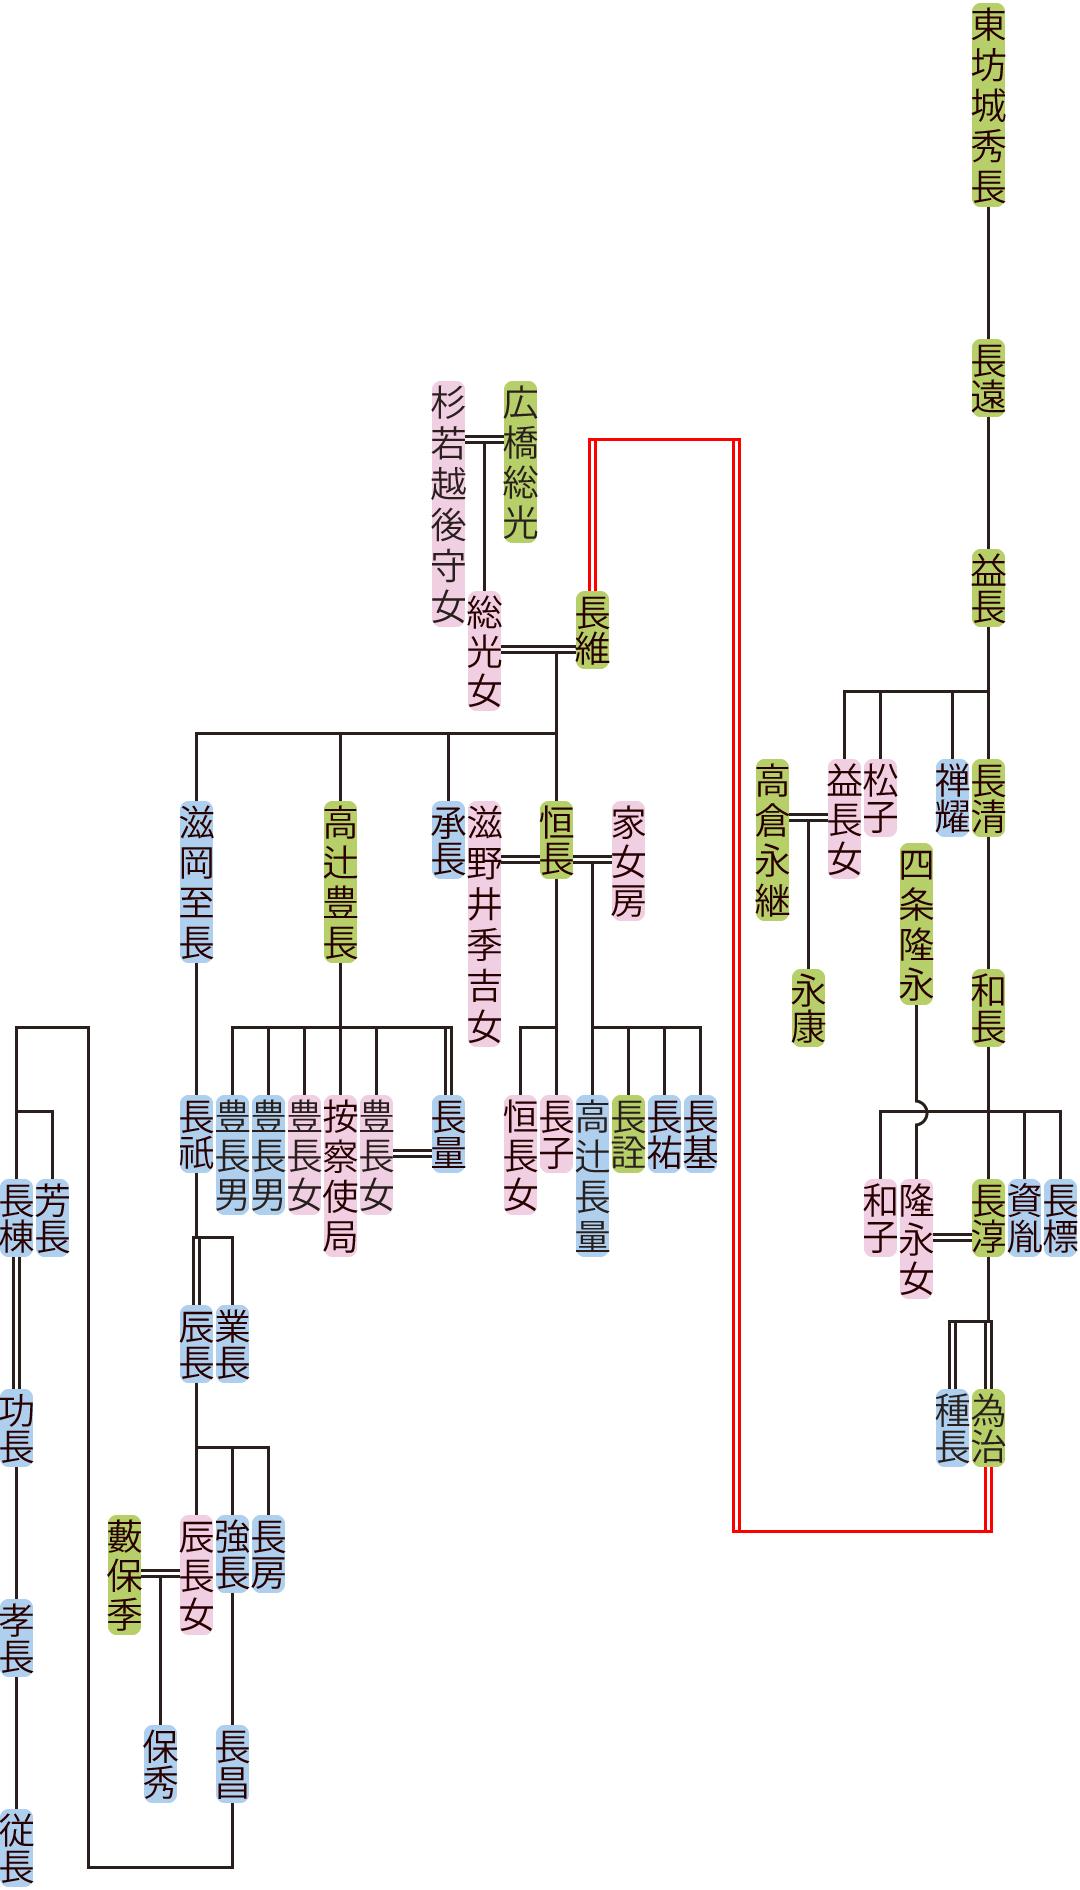 東坊城益長~長維の系図